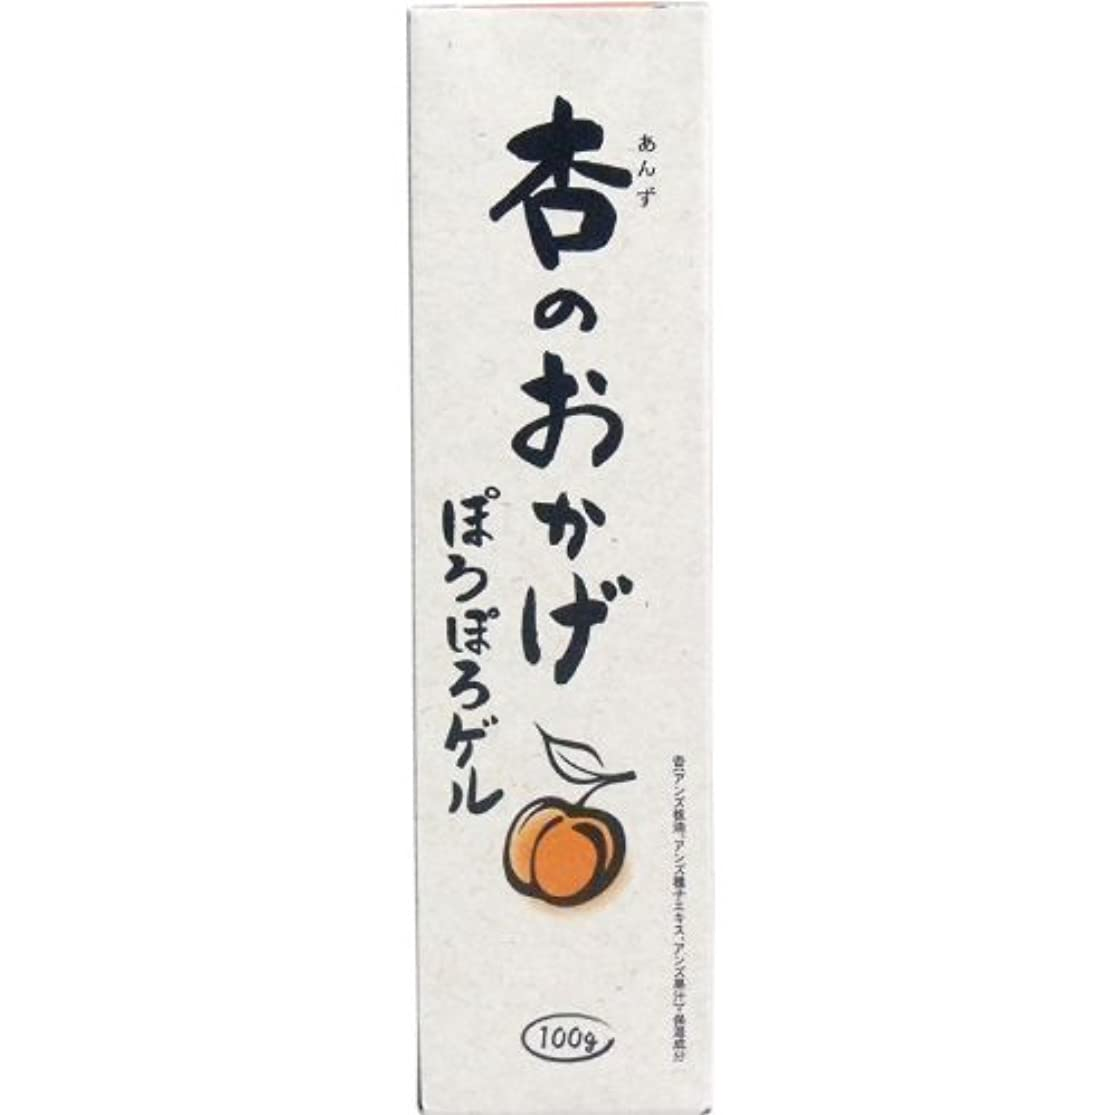 グレートオーク死ぬ十分です杏のおかげ ぽろぽろゲル 100g【2個セット】